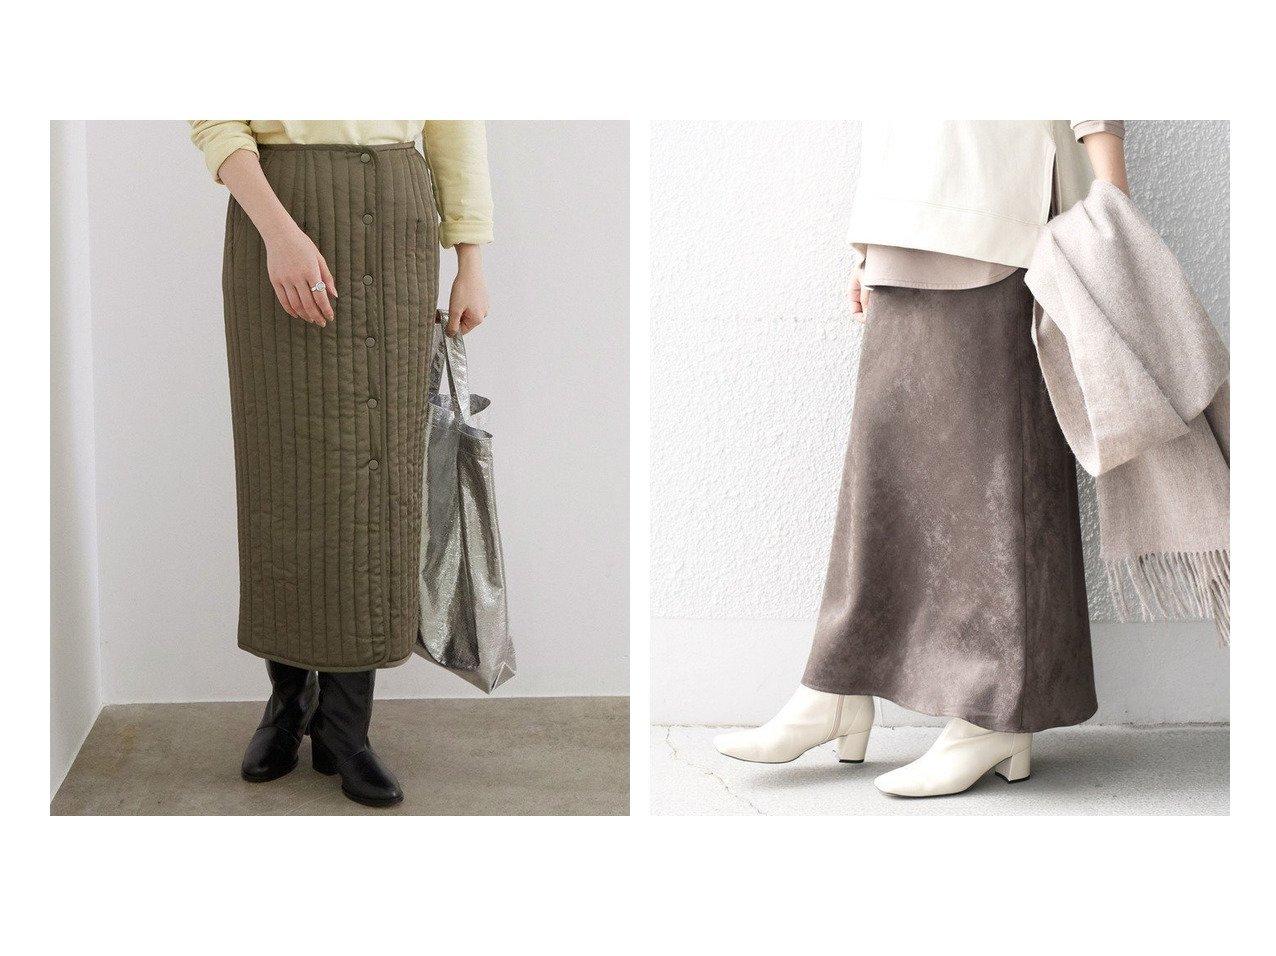 【SHIPS/シップス フォー ウィメン】のカラーフェイクスエードスカート&【ROPE' mademoiselle/ロペ マドモアゼル】のキルティングフロントボタンラップスカート スカートのおすすめ!人気、レディースファッションの通販 おすすめで人気のファッション通販商品 インテリア・家具・キッズファッション・メンズファッション・レディースファッション・服の通販 founy(ファニー) https://founy.com/ ファッション Fashion レディース WOMEN スカート Skirt アクセサリー キルティング サテン シャイニー フォルム ベーシック ミリタリー ジャージー ストレッチ ドレープ フェイクスエード リアル ロング 冬 Winter 春 |ID:crp329100000002662